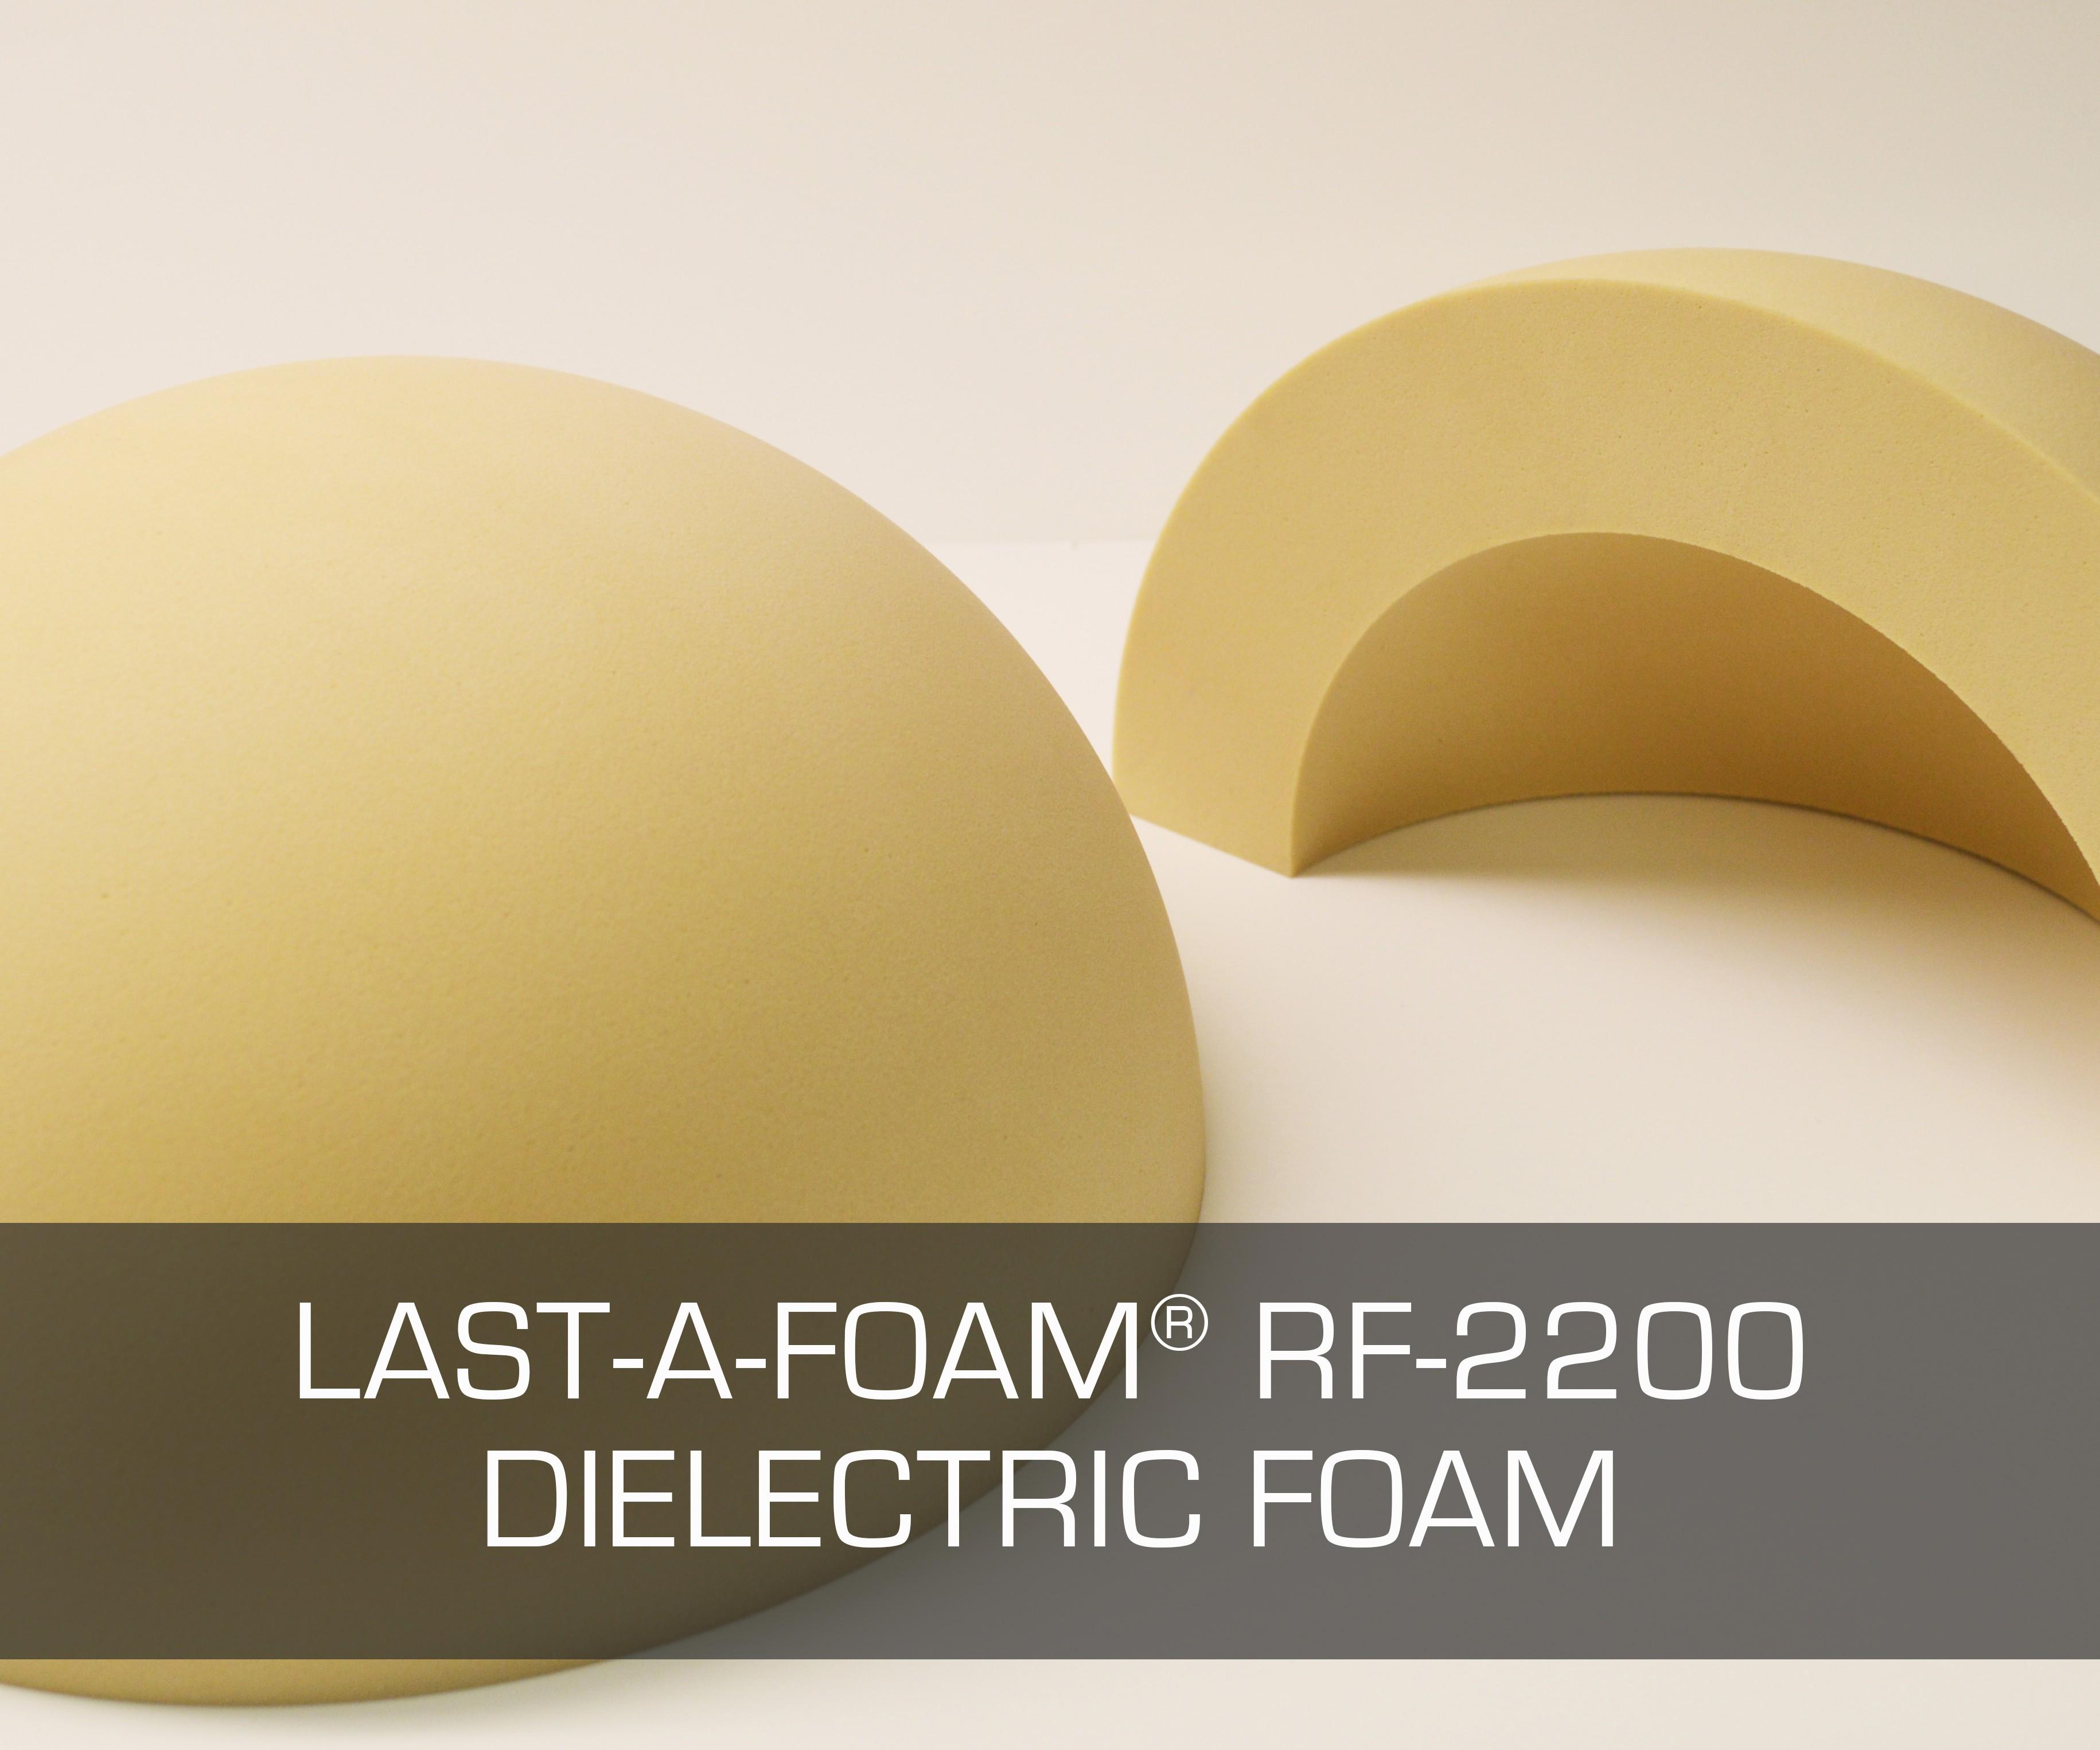 LAST-A-FOAMRF-2200